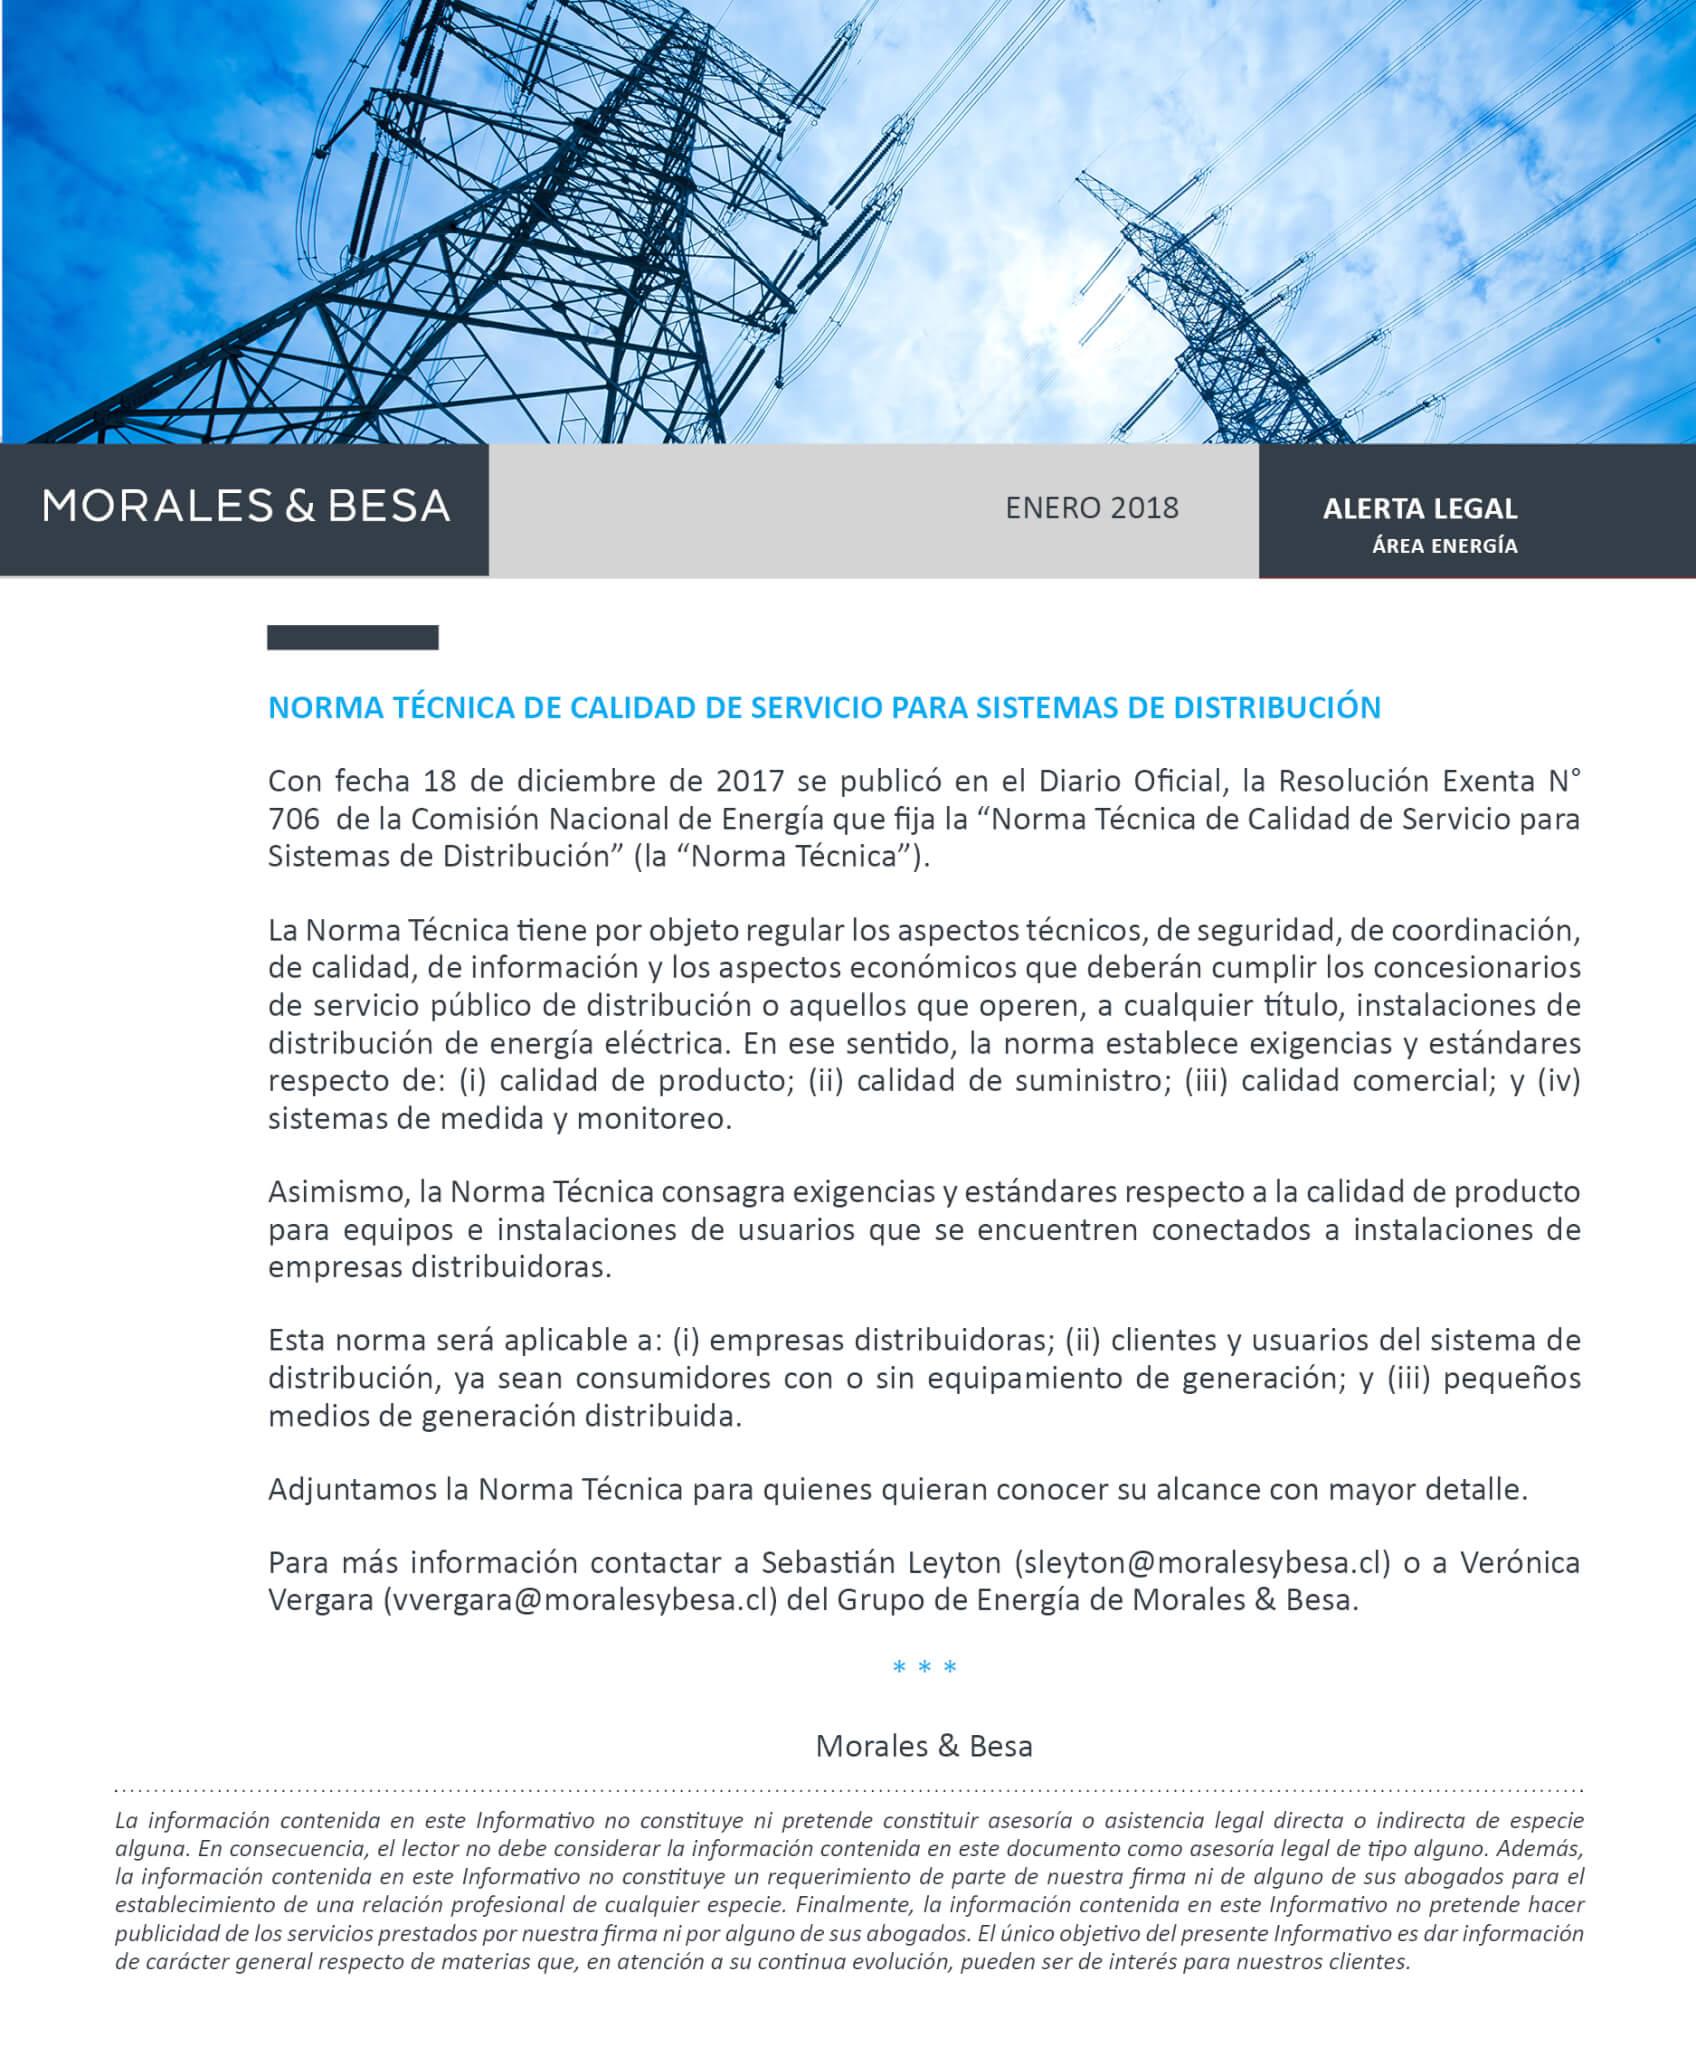 Morales & Besa_Alerta Legal_Energía_Enero 2018